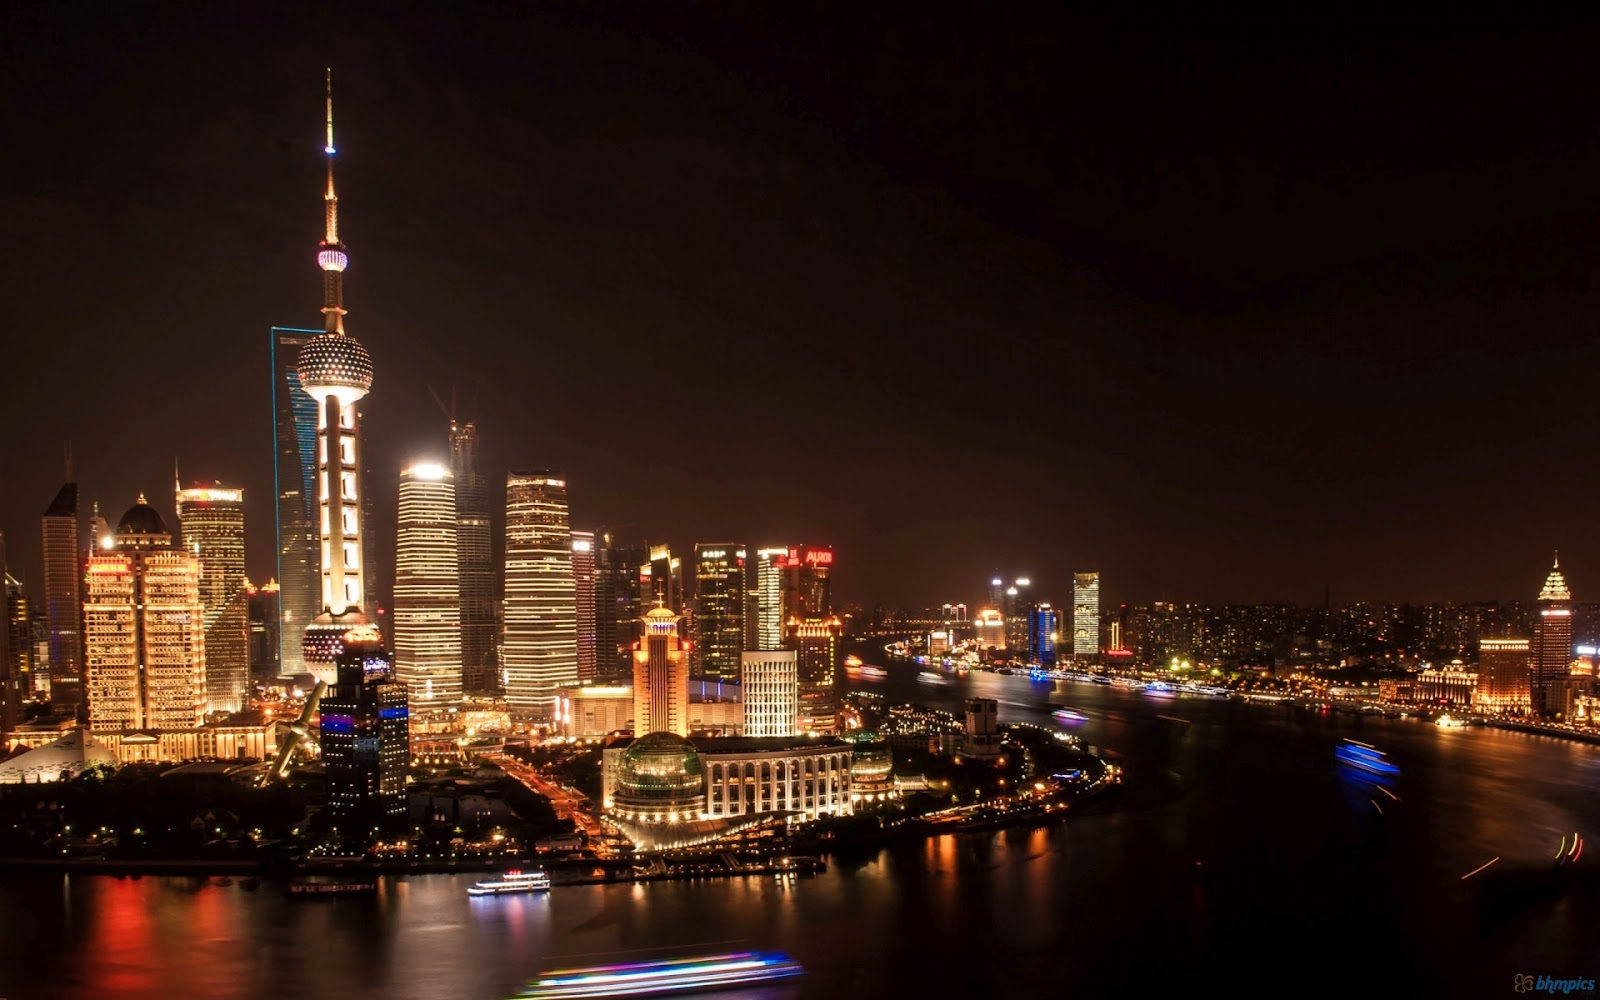 Shanghai Night Light Wallpaper Shanghai Night Light Wallpaper 1600x1000